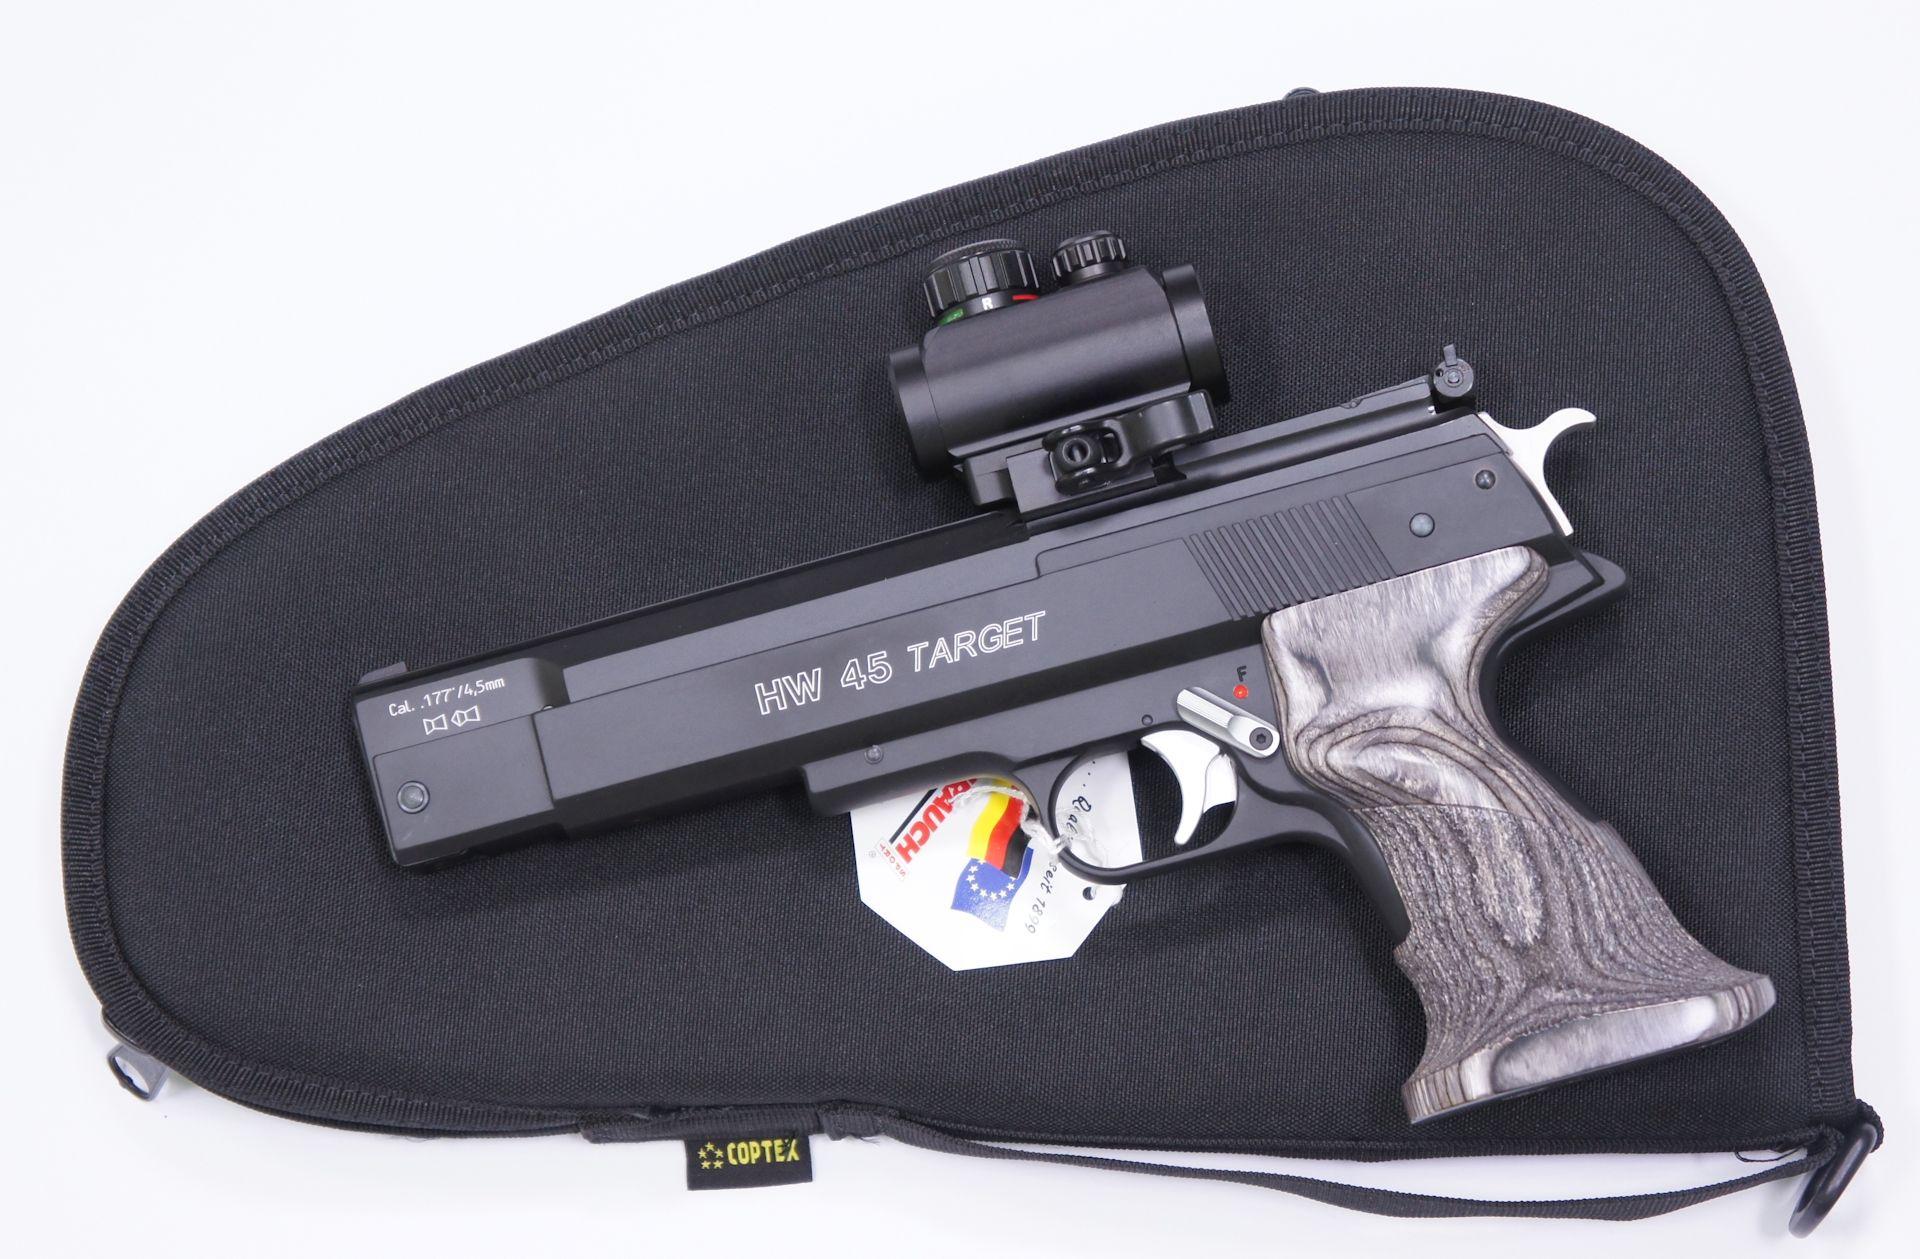 Am Beispiel der schwarzen Ausführung möchte ich als Zubehör für die HW 45 SilverStar Target so ein <a href=1130221.htm>Leuchtpunktvisier der Marke UTG</a> und <a href=1340088.htm> solche praktische Tasche </a> für Aufbewahrung und Transport anbieten.